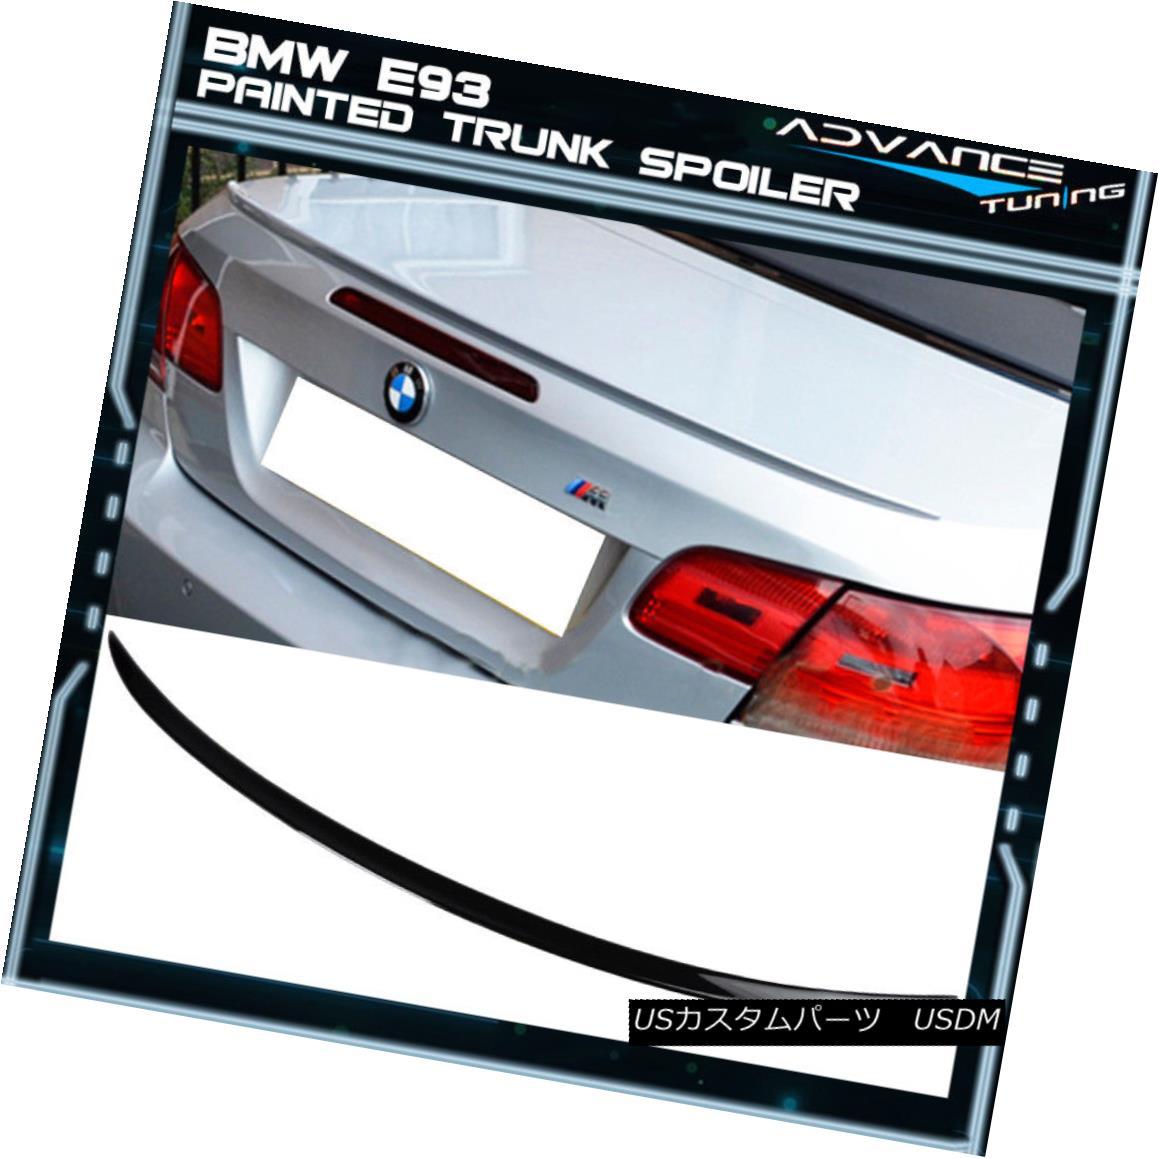 エアロパーツ 07-13 BMW E93 M3 Trunk Spoiler OEM Painted Color #475 Black Sapphire Metallic 07-13 BMW E93 M3トランク・スポイラーOEM塗装カラー#475ブラック・サファイア・メタリック